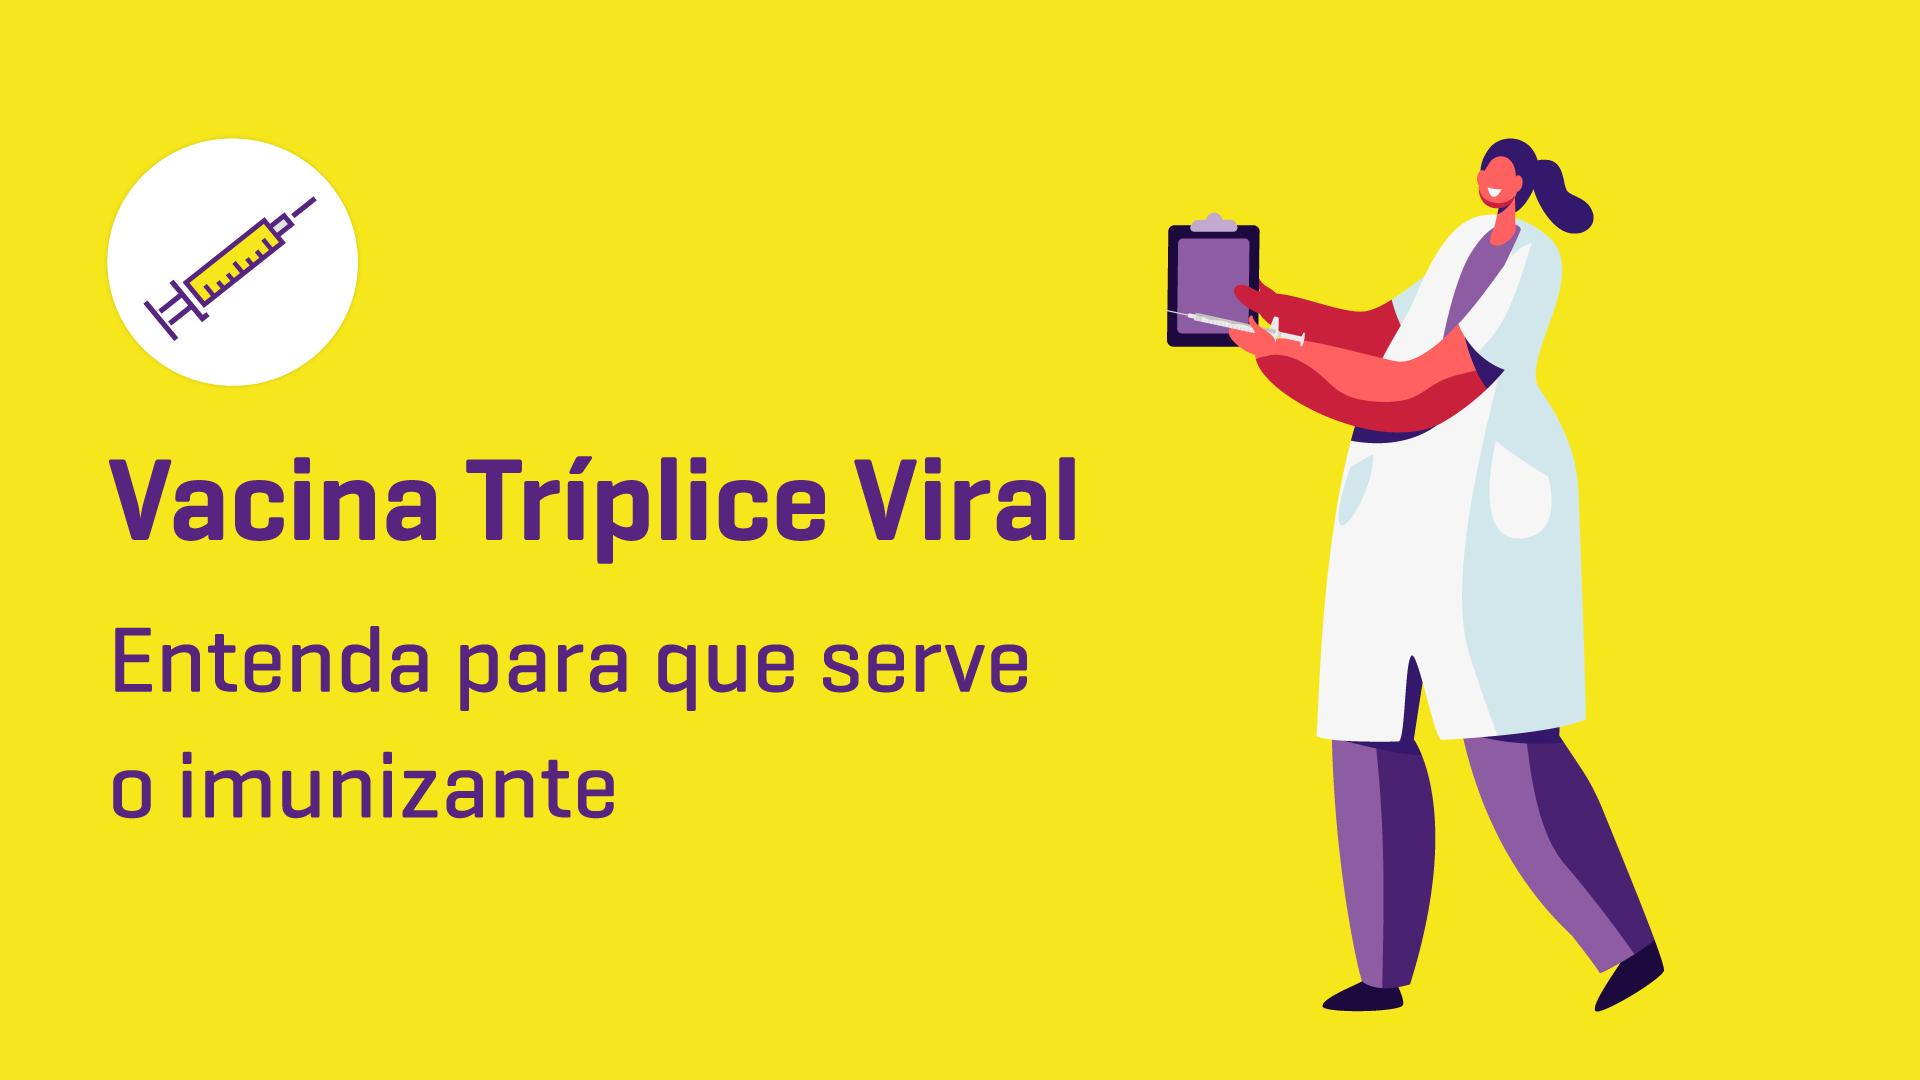 Vacina Tríplice Viral: entenda para que serve o imunizante